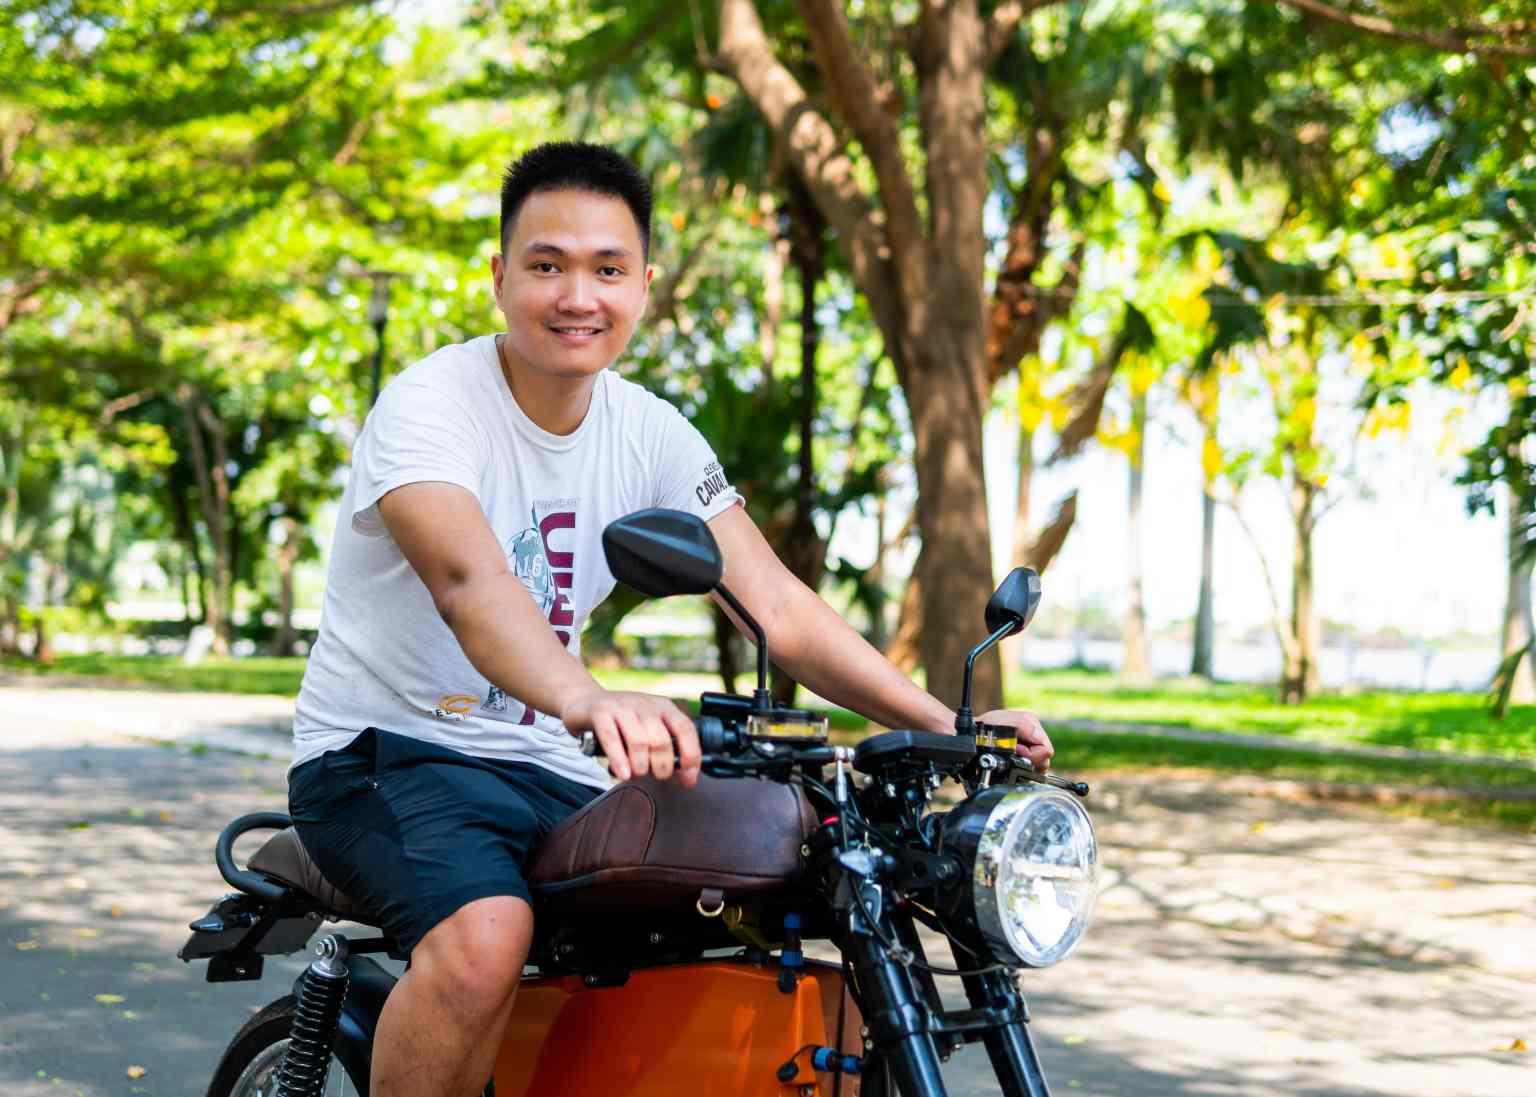 Sơn Nguyễn, người sáng lập kiêm giám đốc điều hành của Dat Bike. Tín dụng hình ảnh: Dat Bike